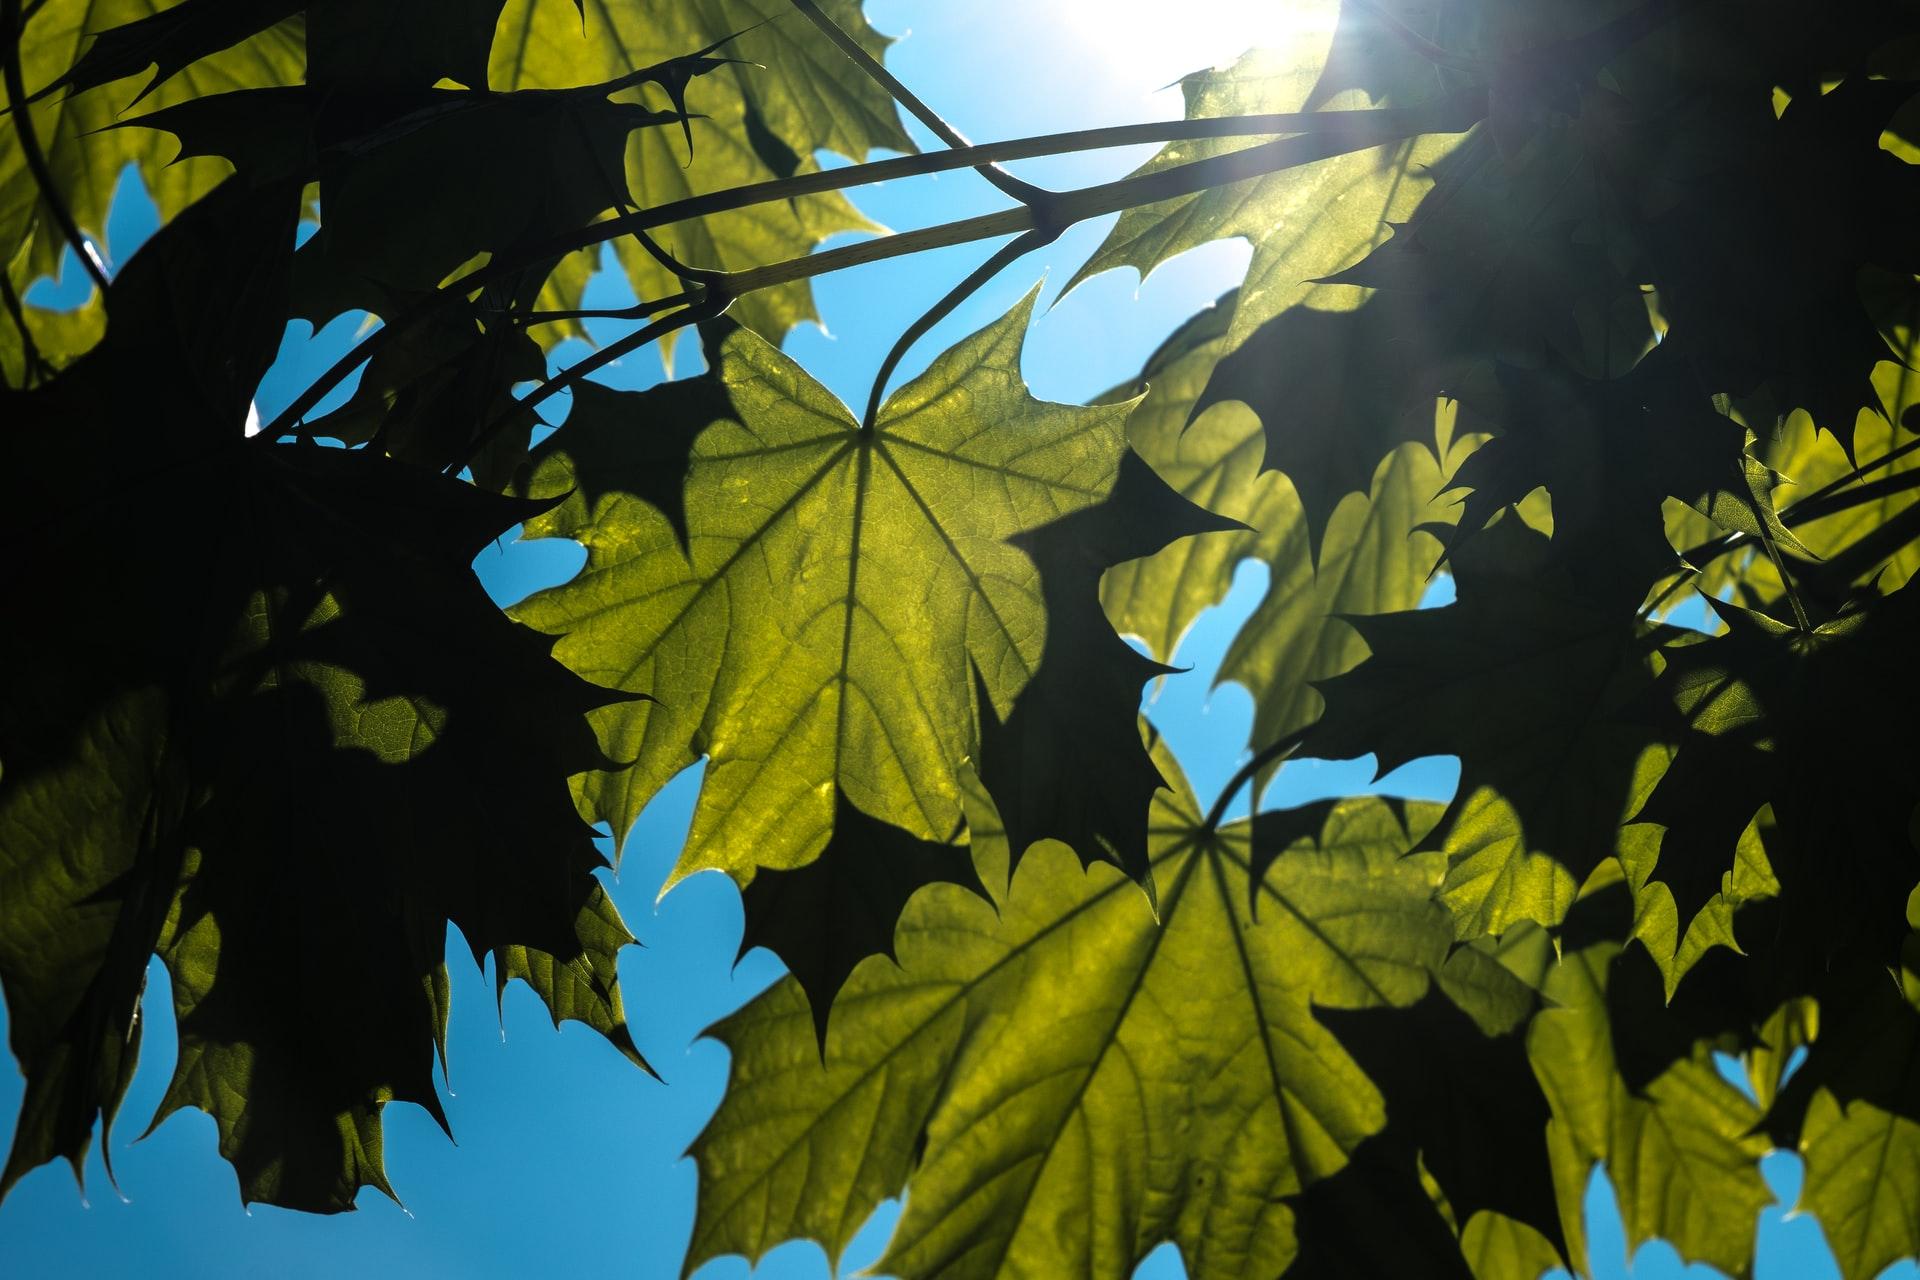 Radnice Prahy 2 nechá vysadit na pět desítek chybějících stromů